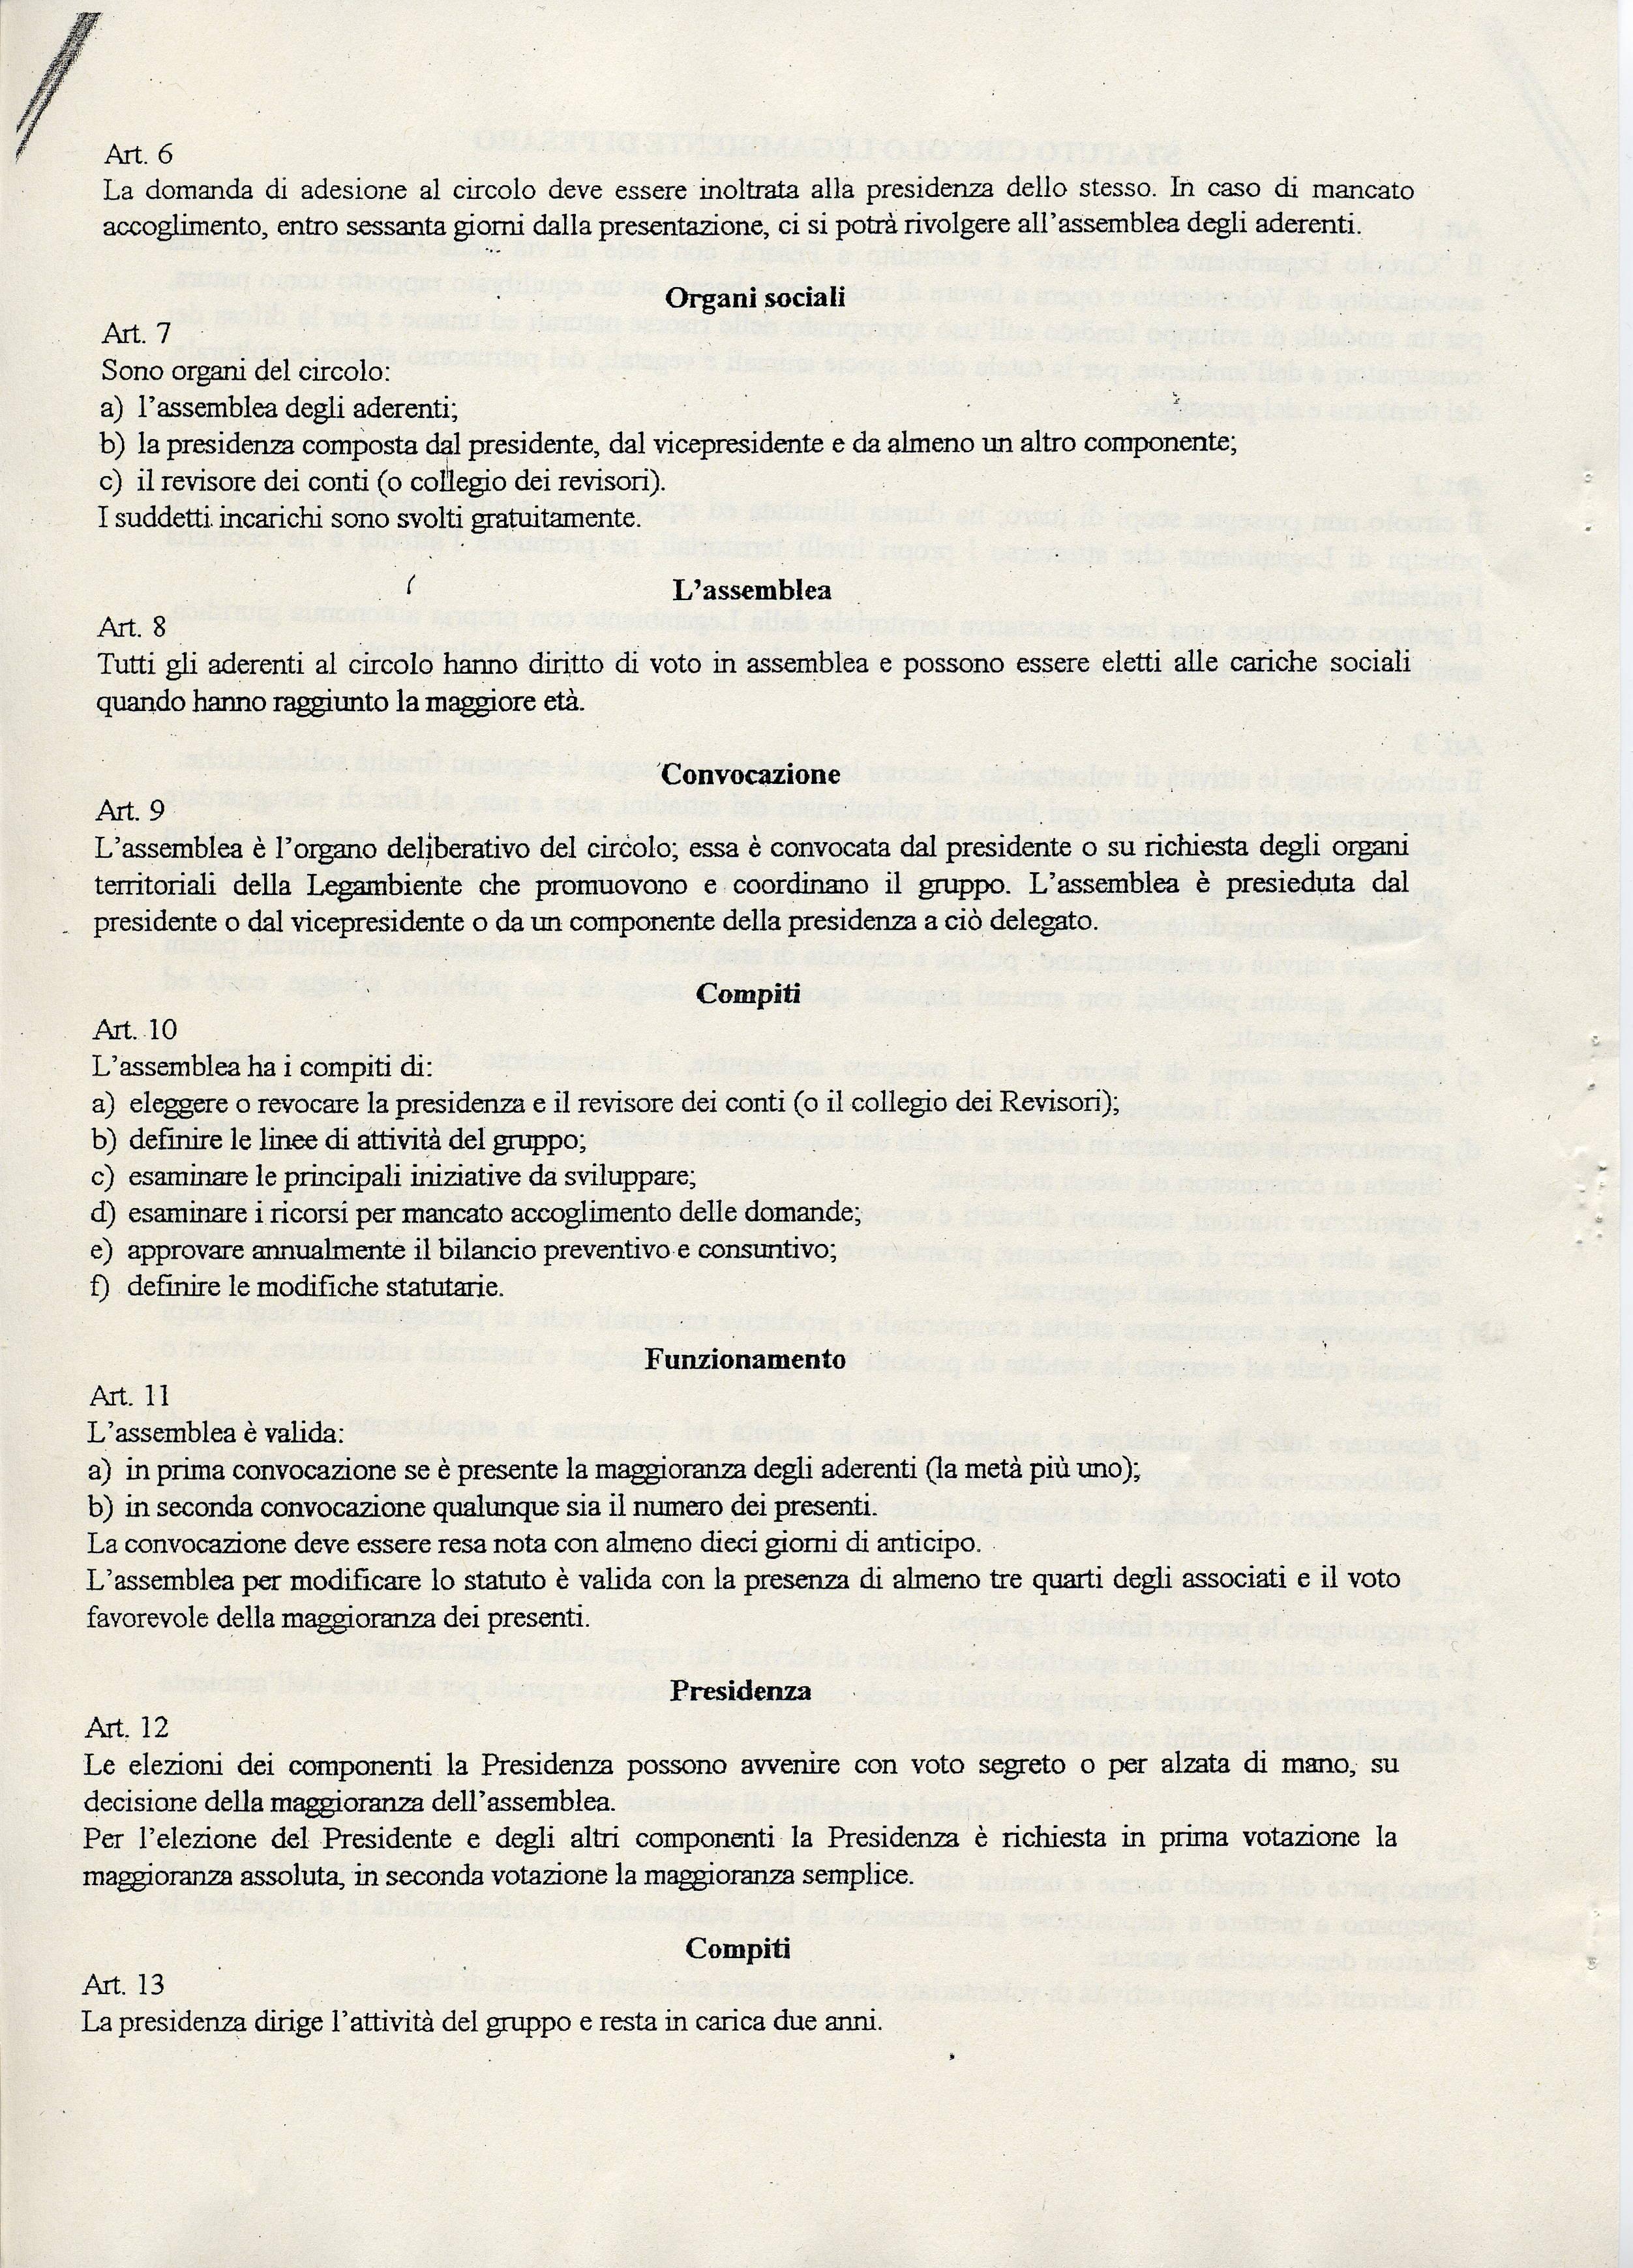 Pagina 2 dello Statuto